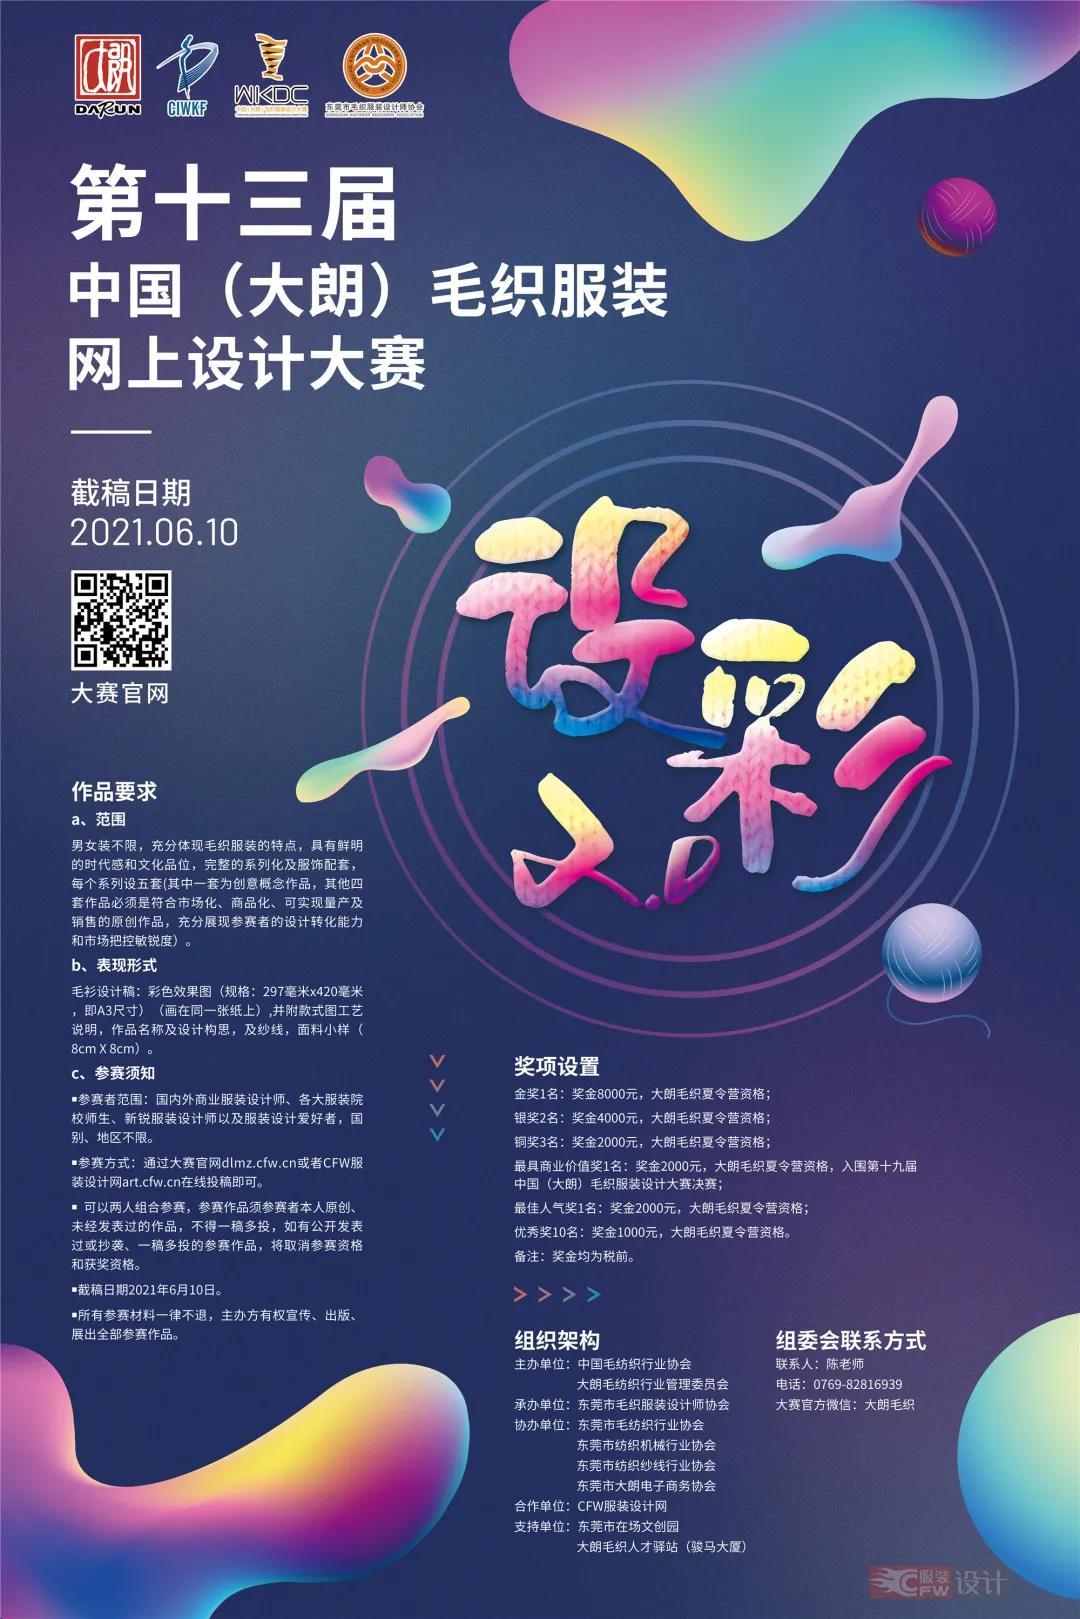 强势回归!第十三届中国(大朗)毛织服装网上设计大赛正式启动!